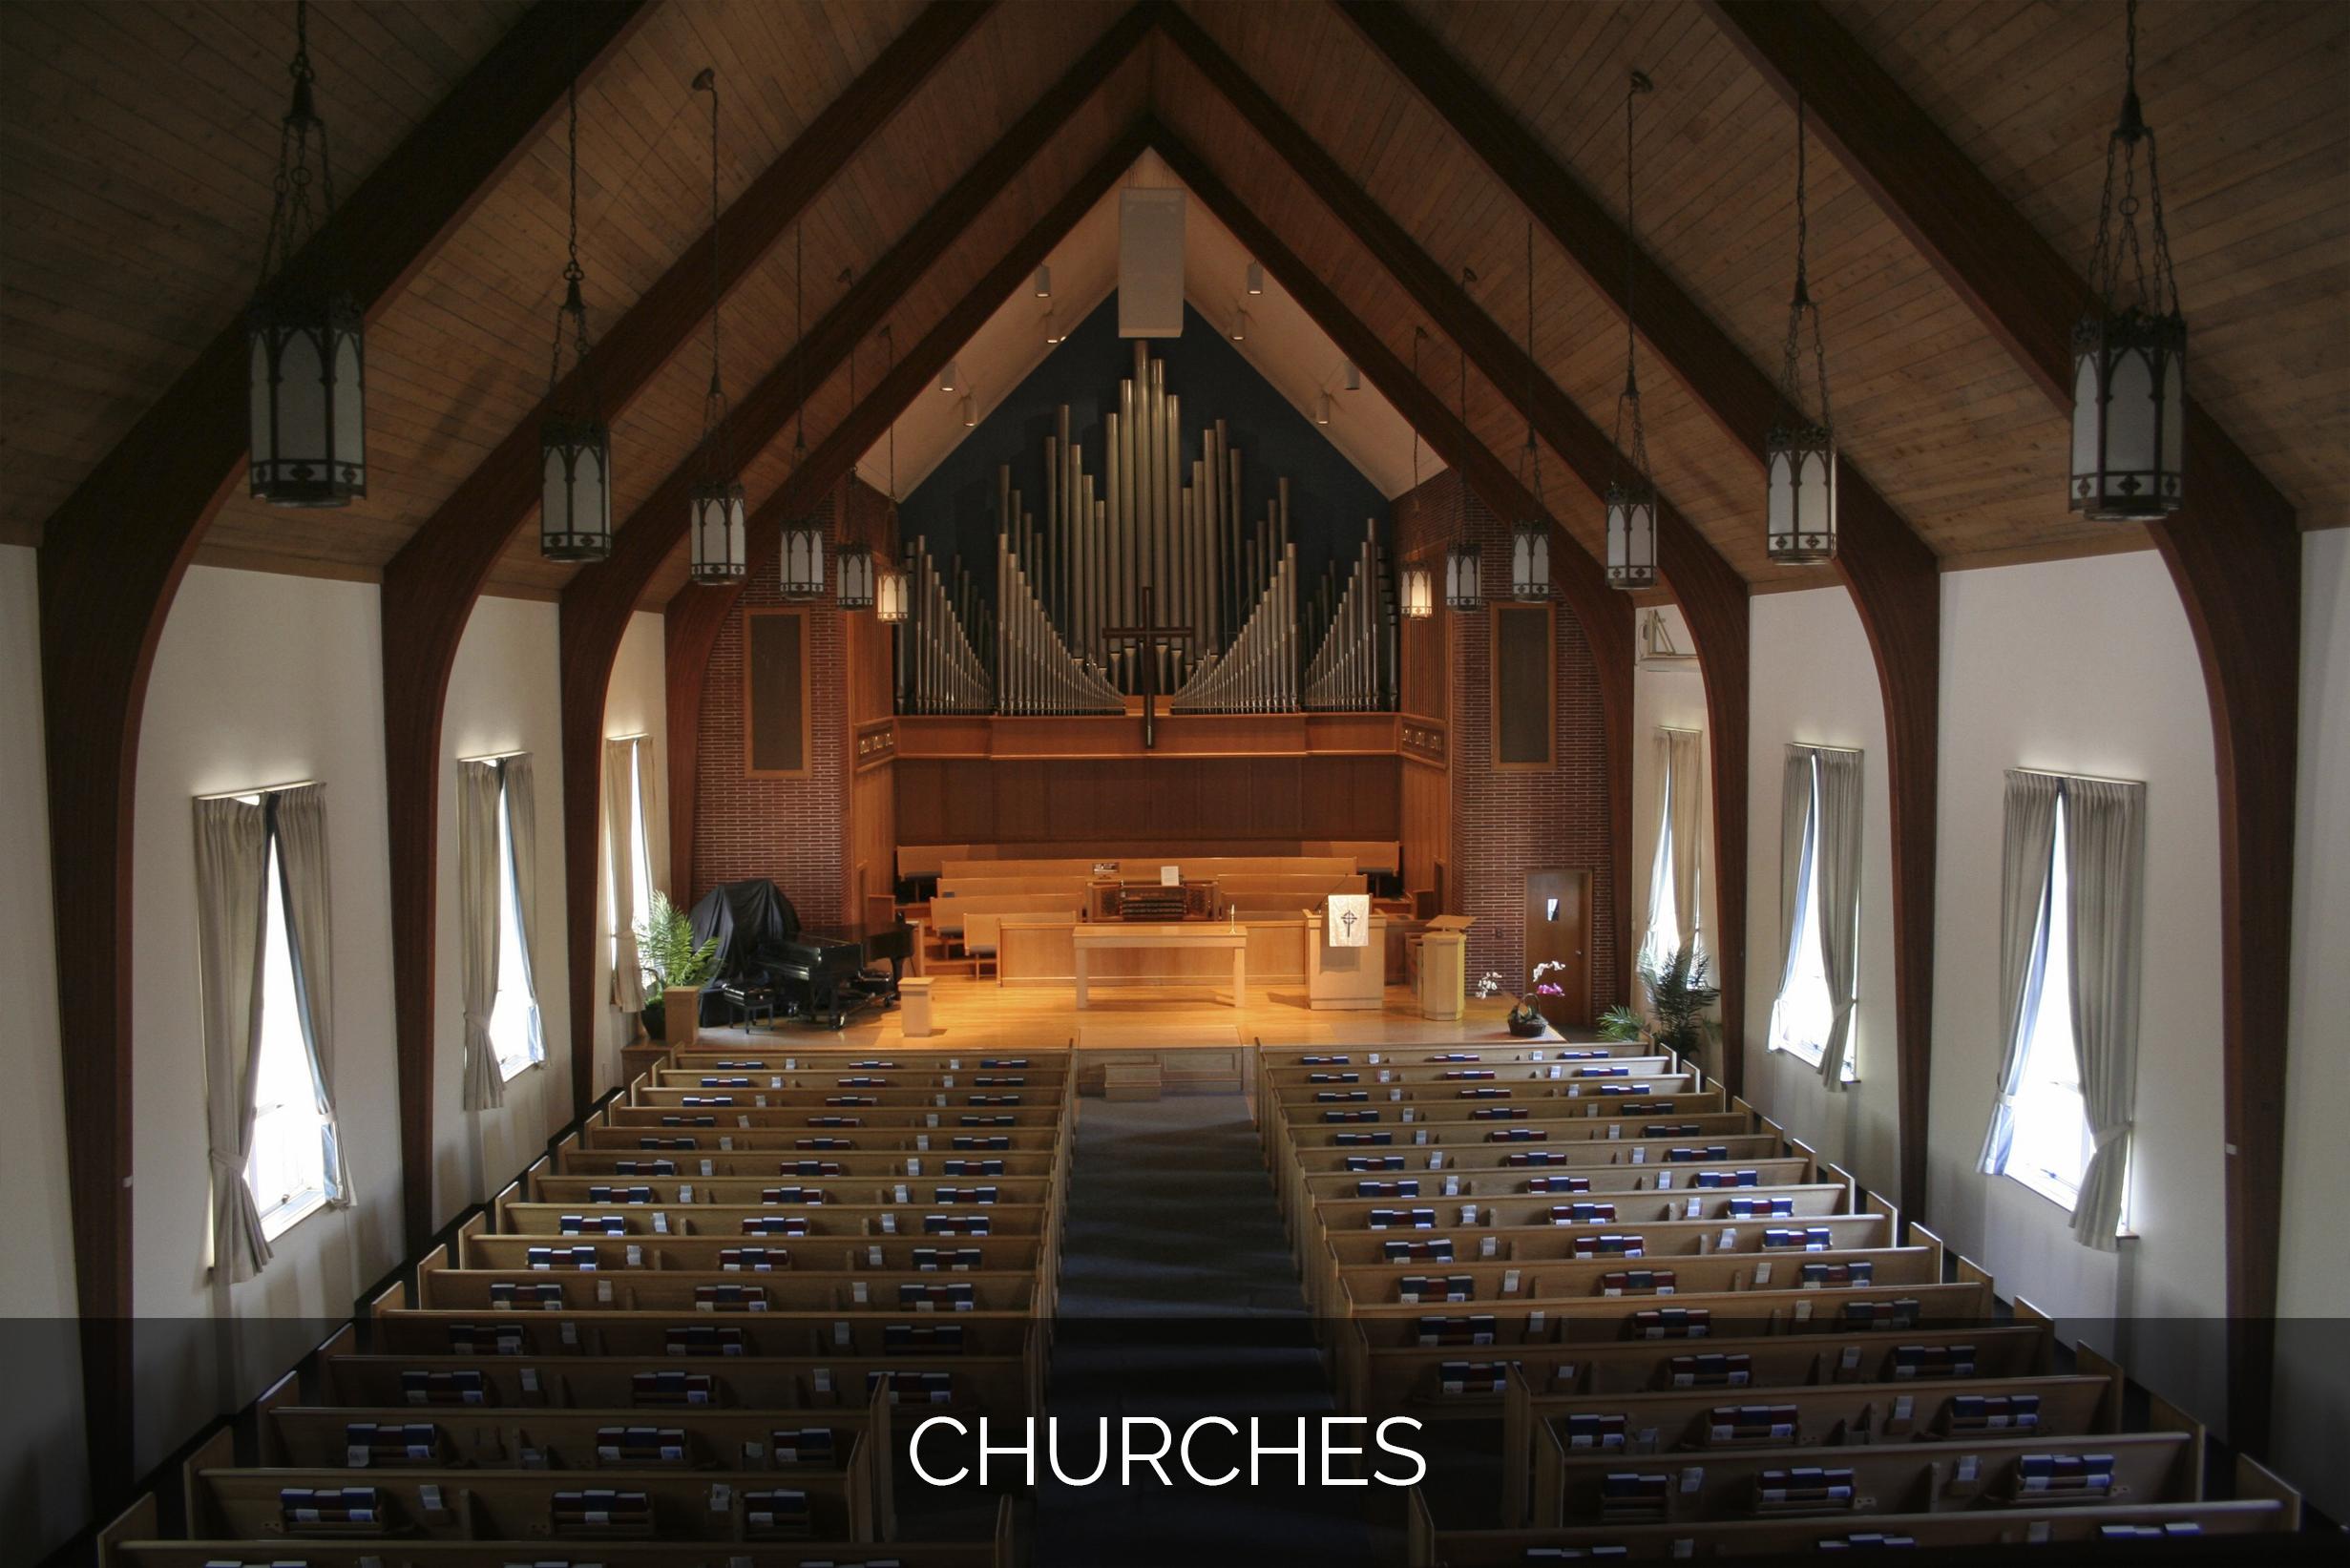 churches-TEXT.jpg